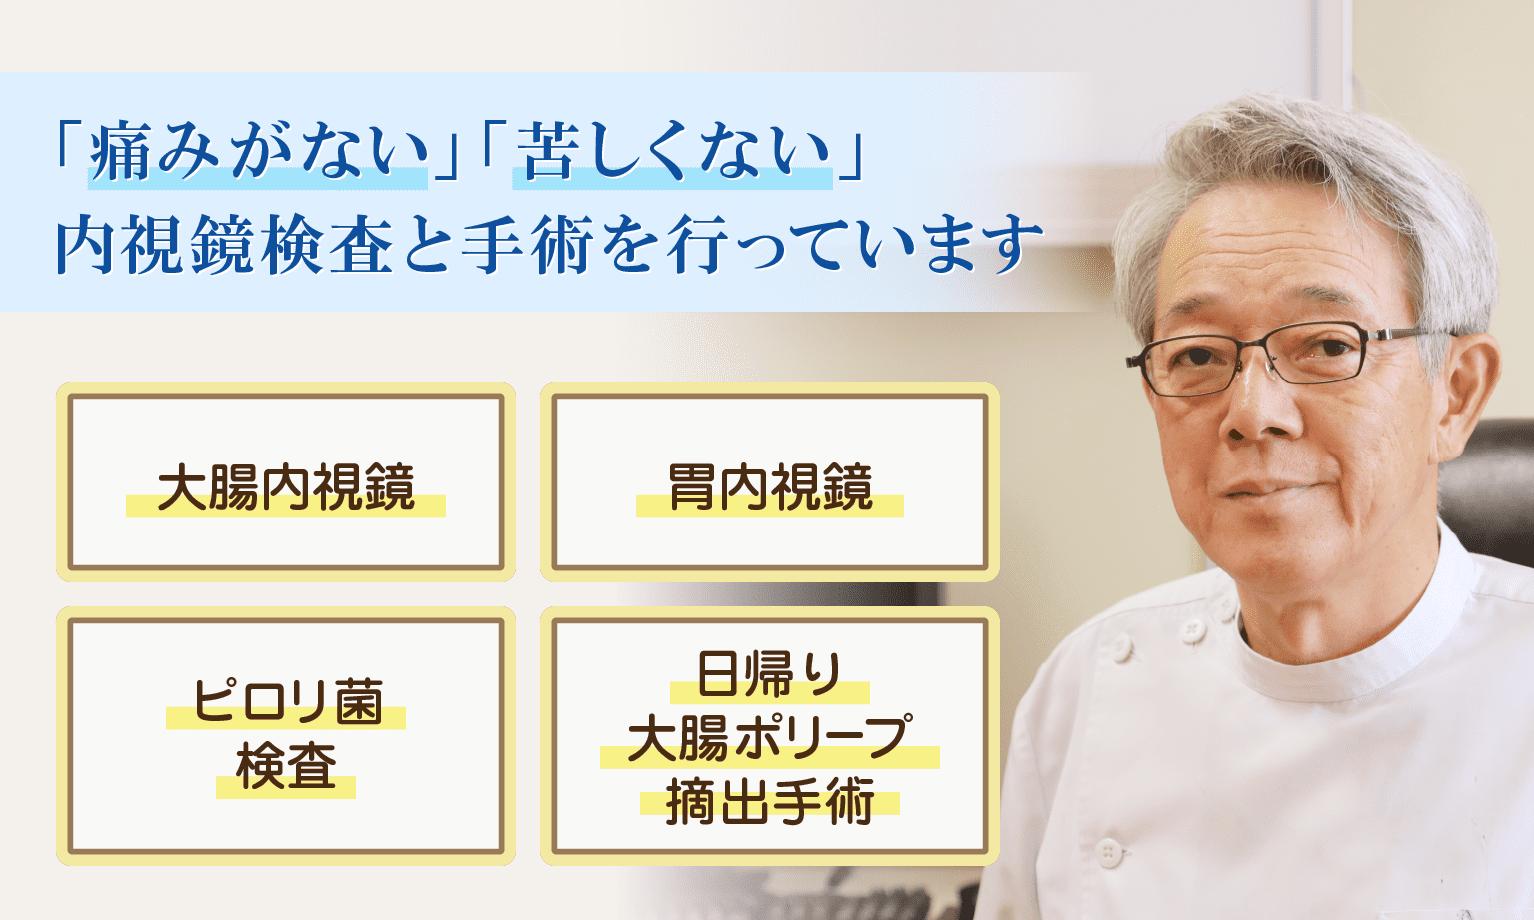 久保田クリニックメインイメージ